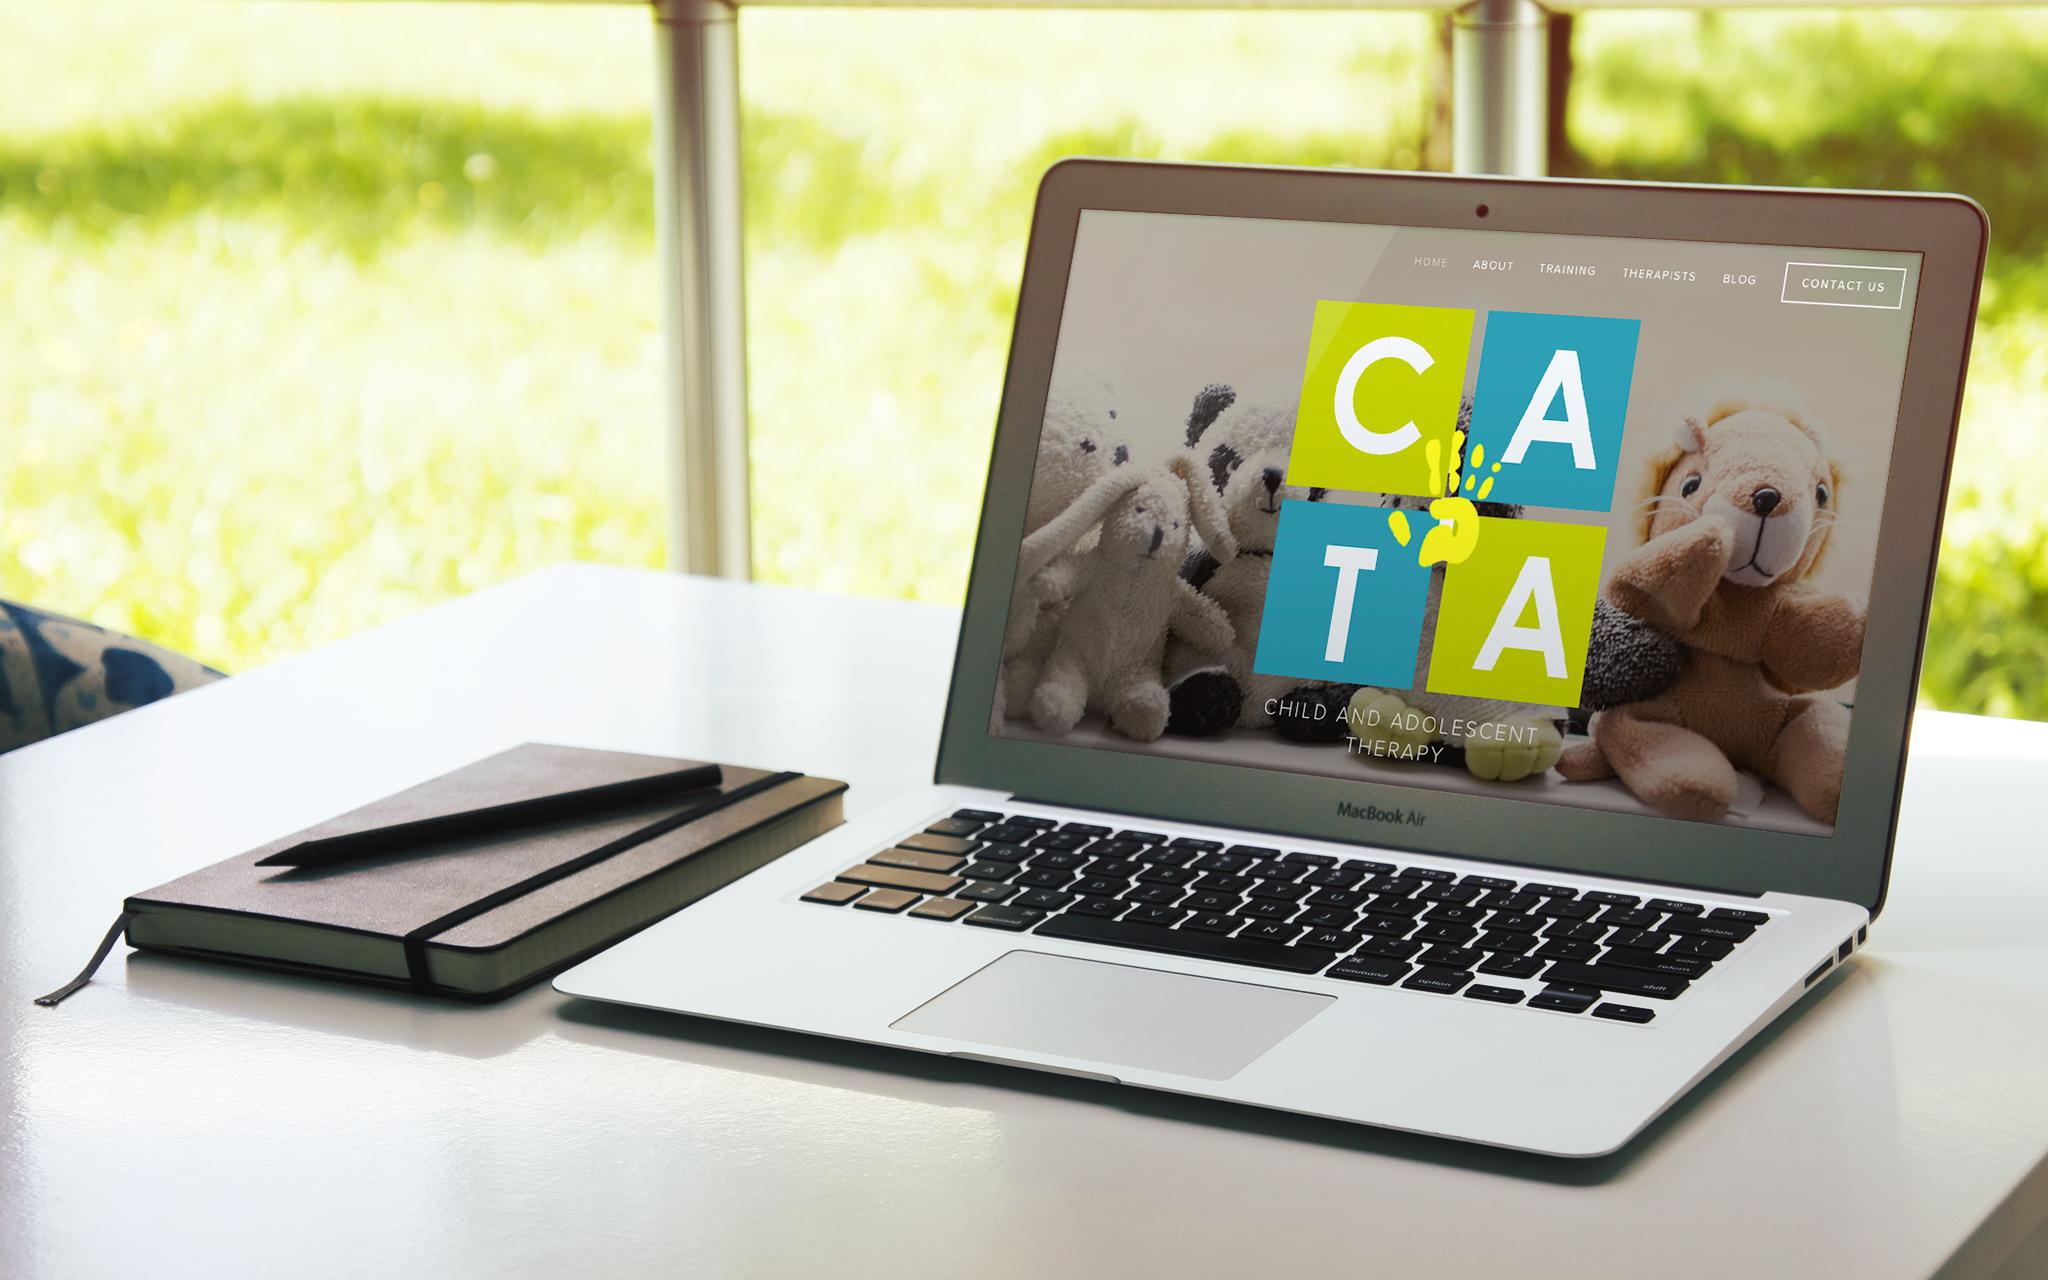 CATA-Mackbook-Display.png